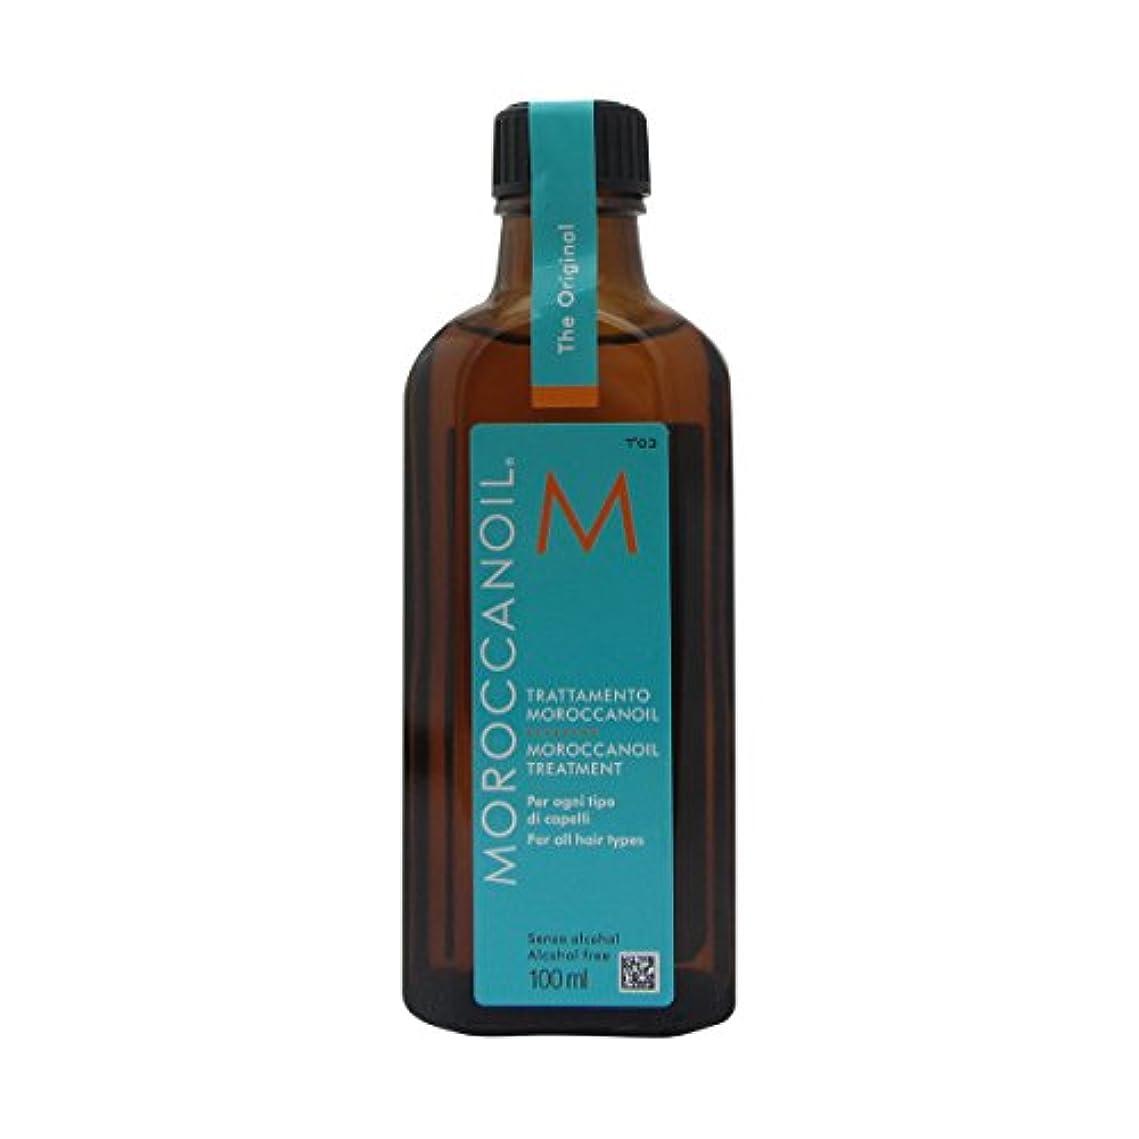 思いやり湿地文法Moroccanoil Treatment 100ml [並行輸入品]